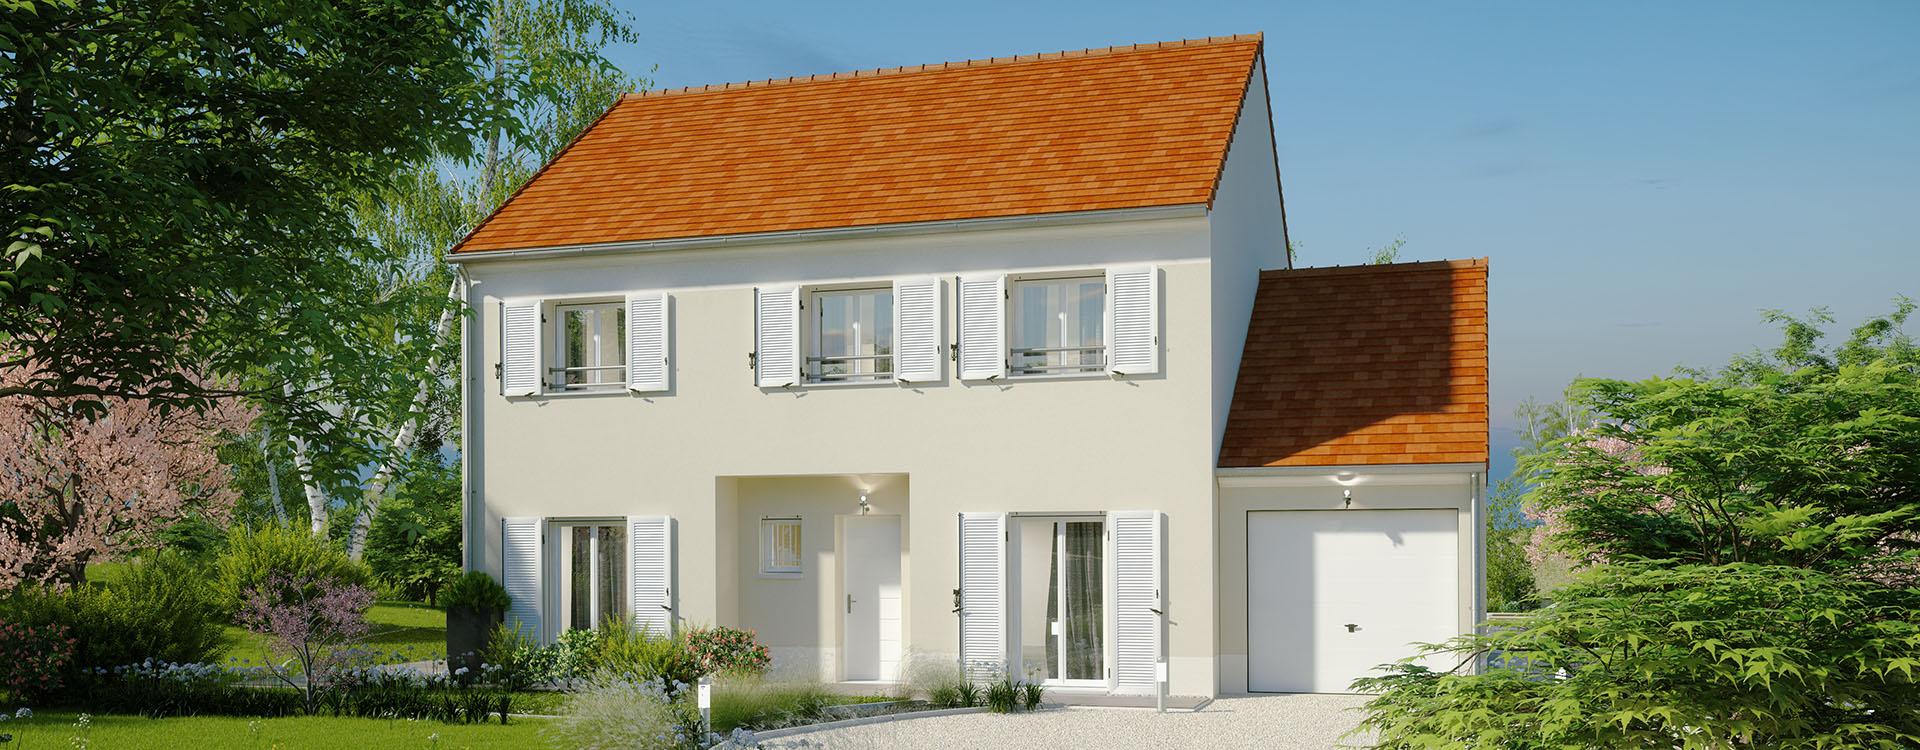 Maisons du constructeur MAISONS PIERRE MONTEVRAIN • 133 m² • LA HOUSSAYE EN BRIE